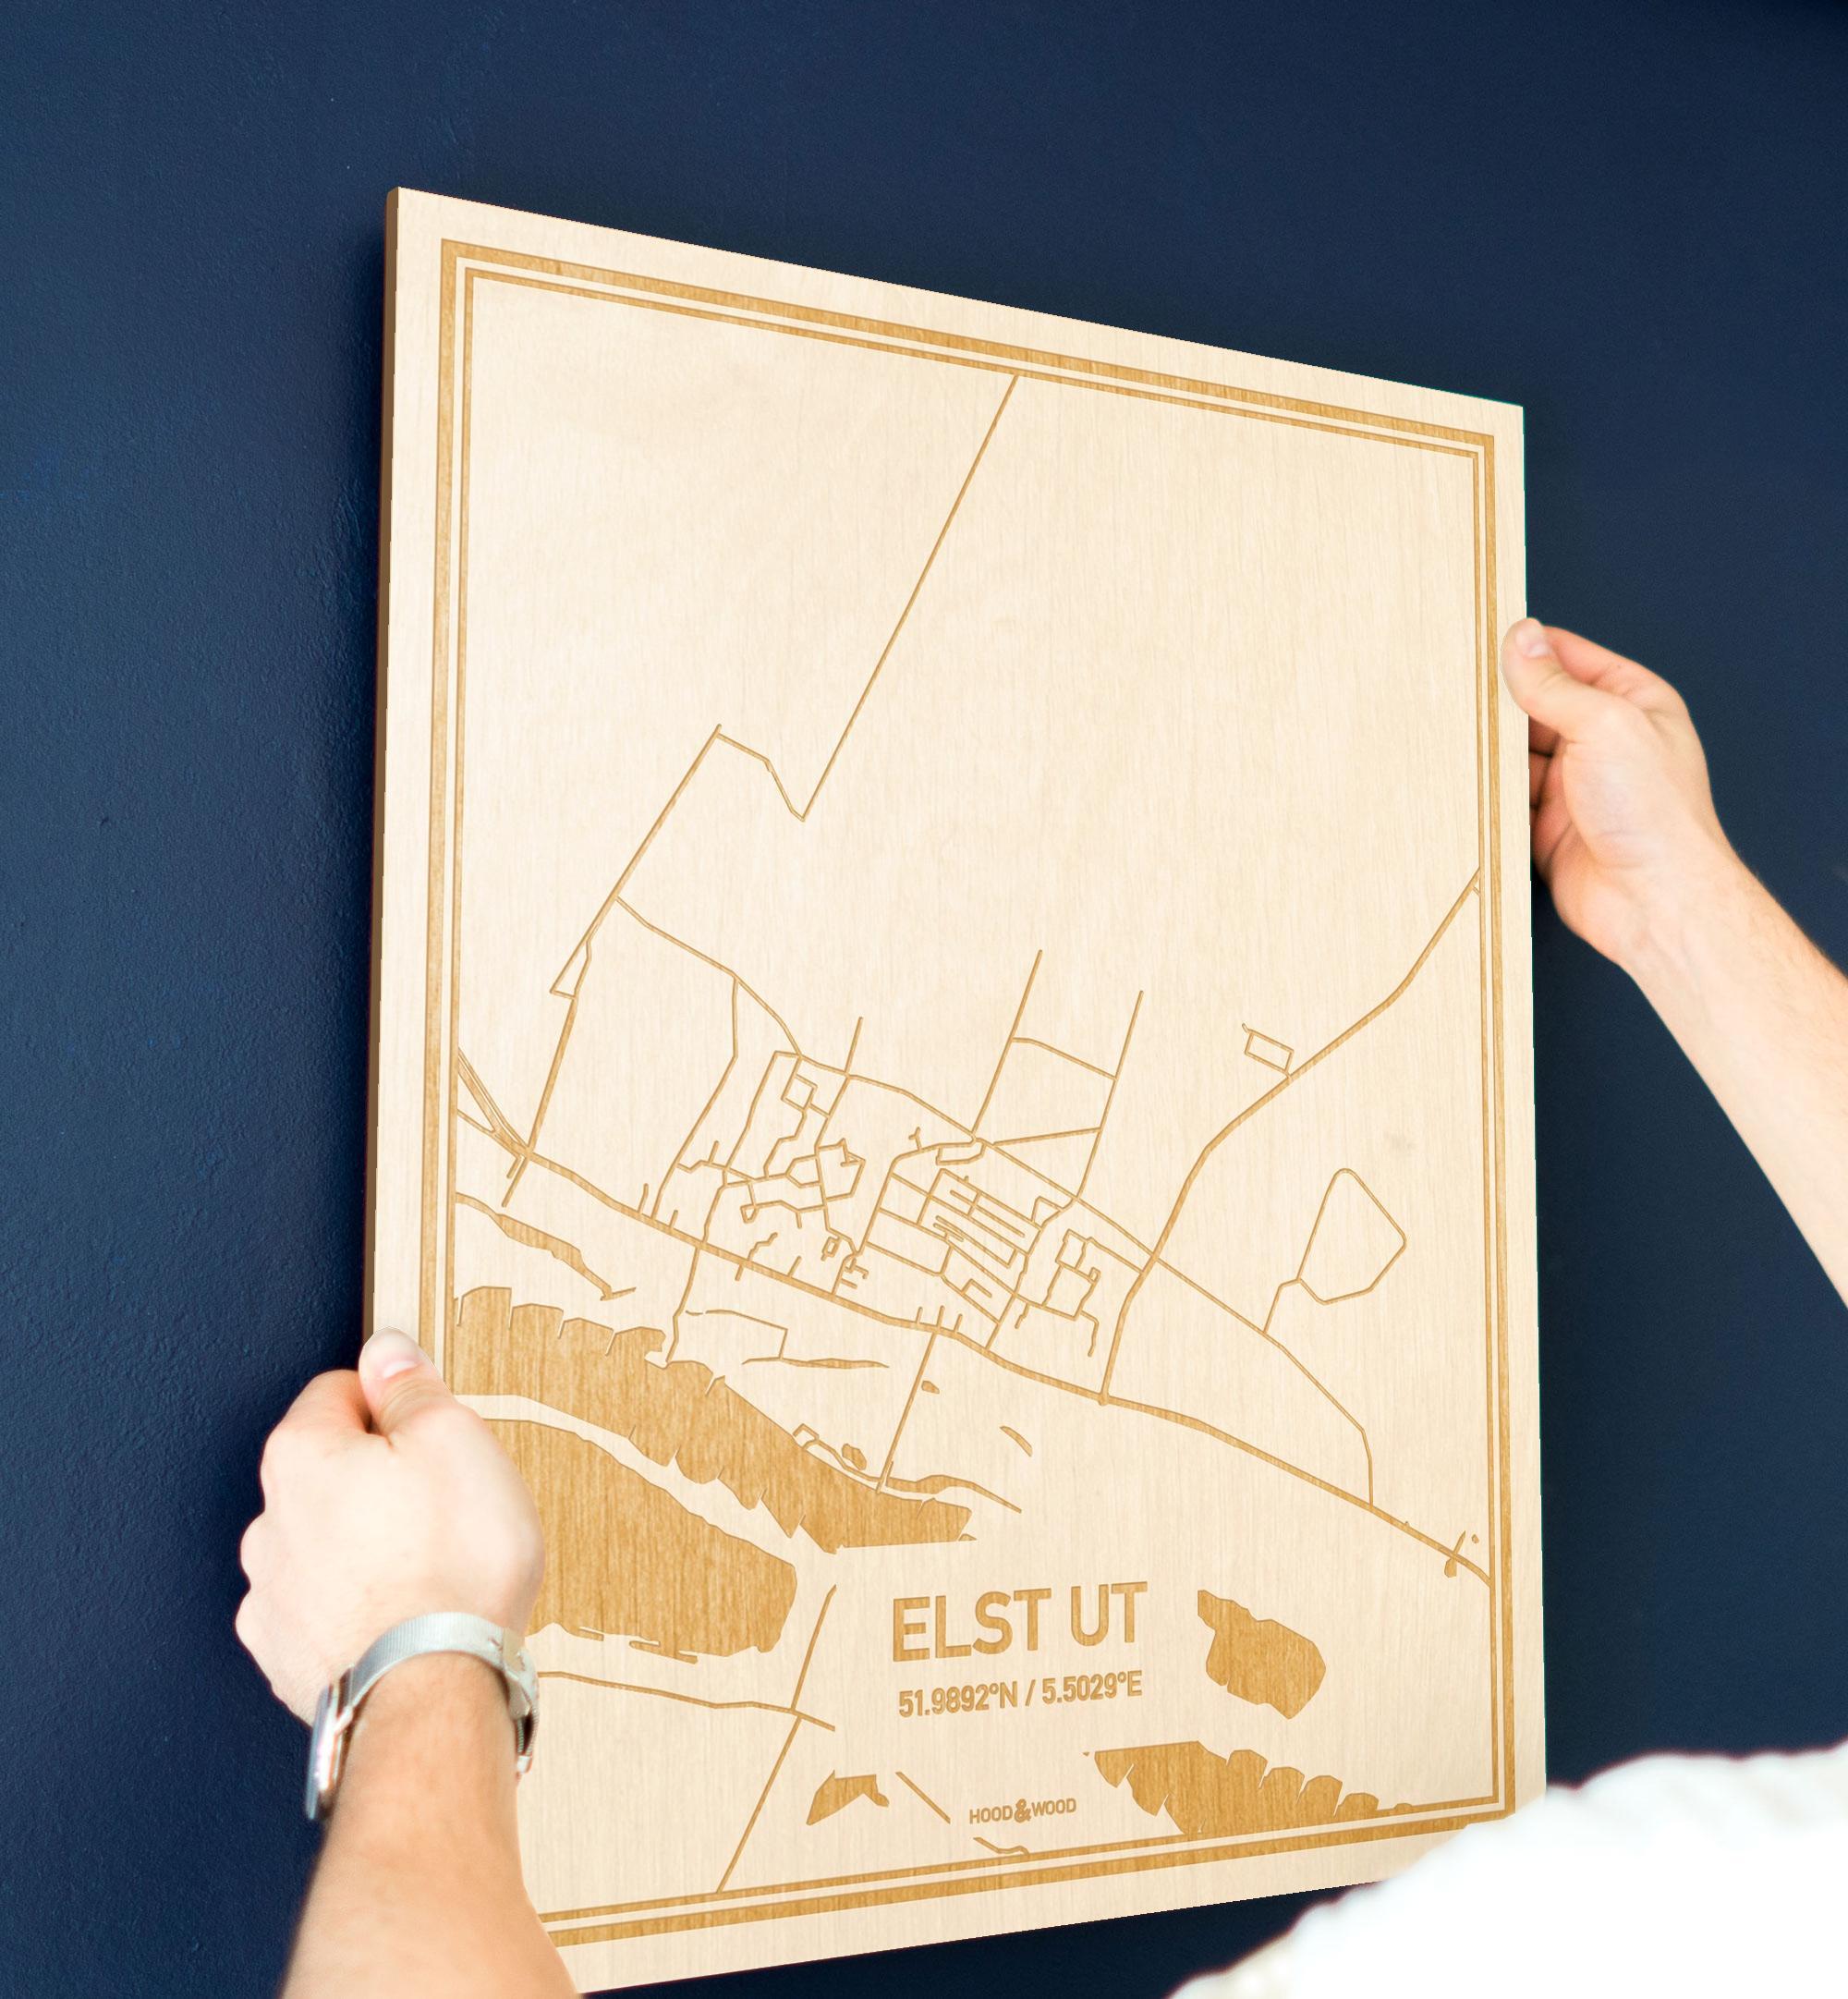 Een man hangt de houten plattegrond Elst Ut aan zijn blauwe muur ter decoratie. Je ziet alleen zijn handen de kaart van deze verrassende in Utrecht vasthouden.